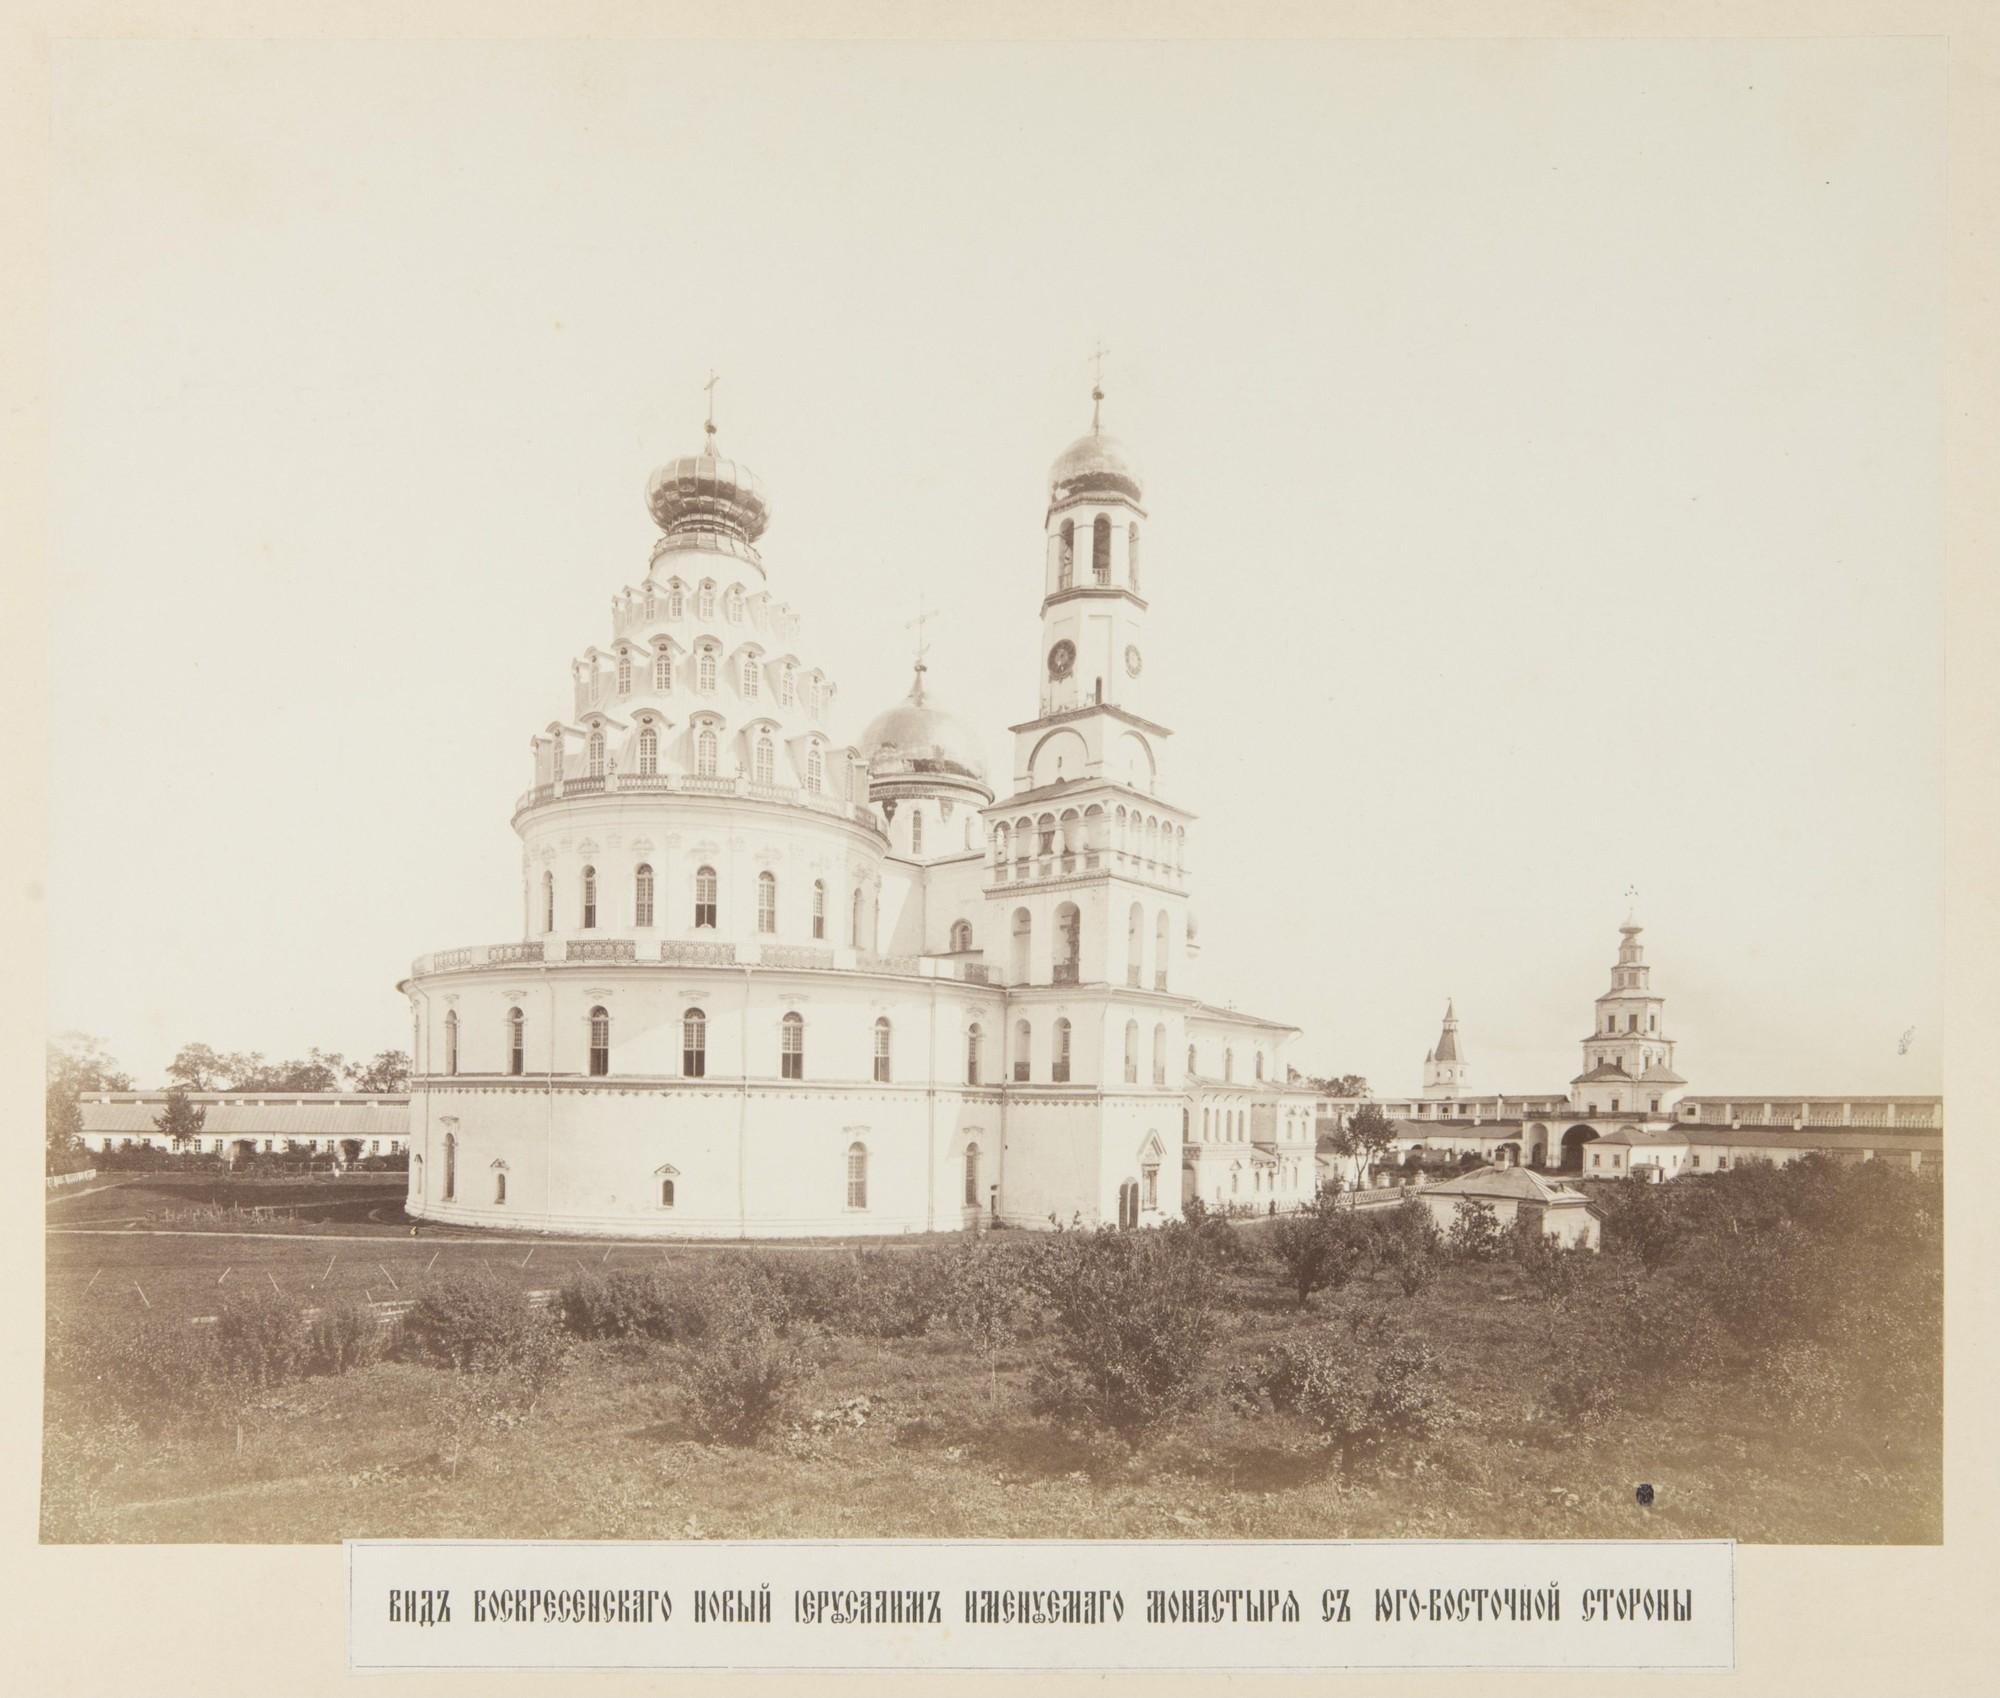 Вид Воскресенского Новоиерусалимского монастыря с юго-восточной стороны